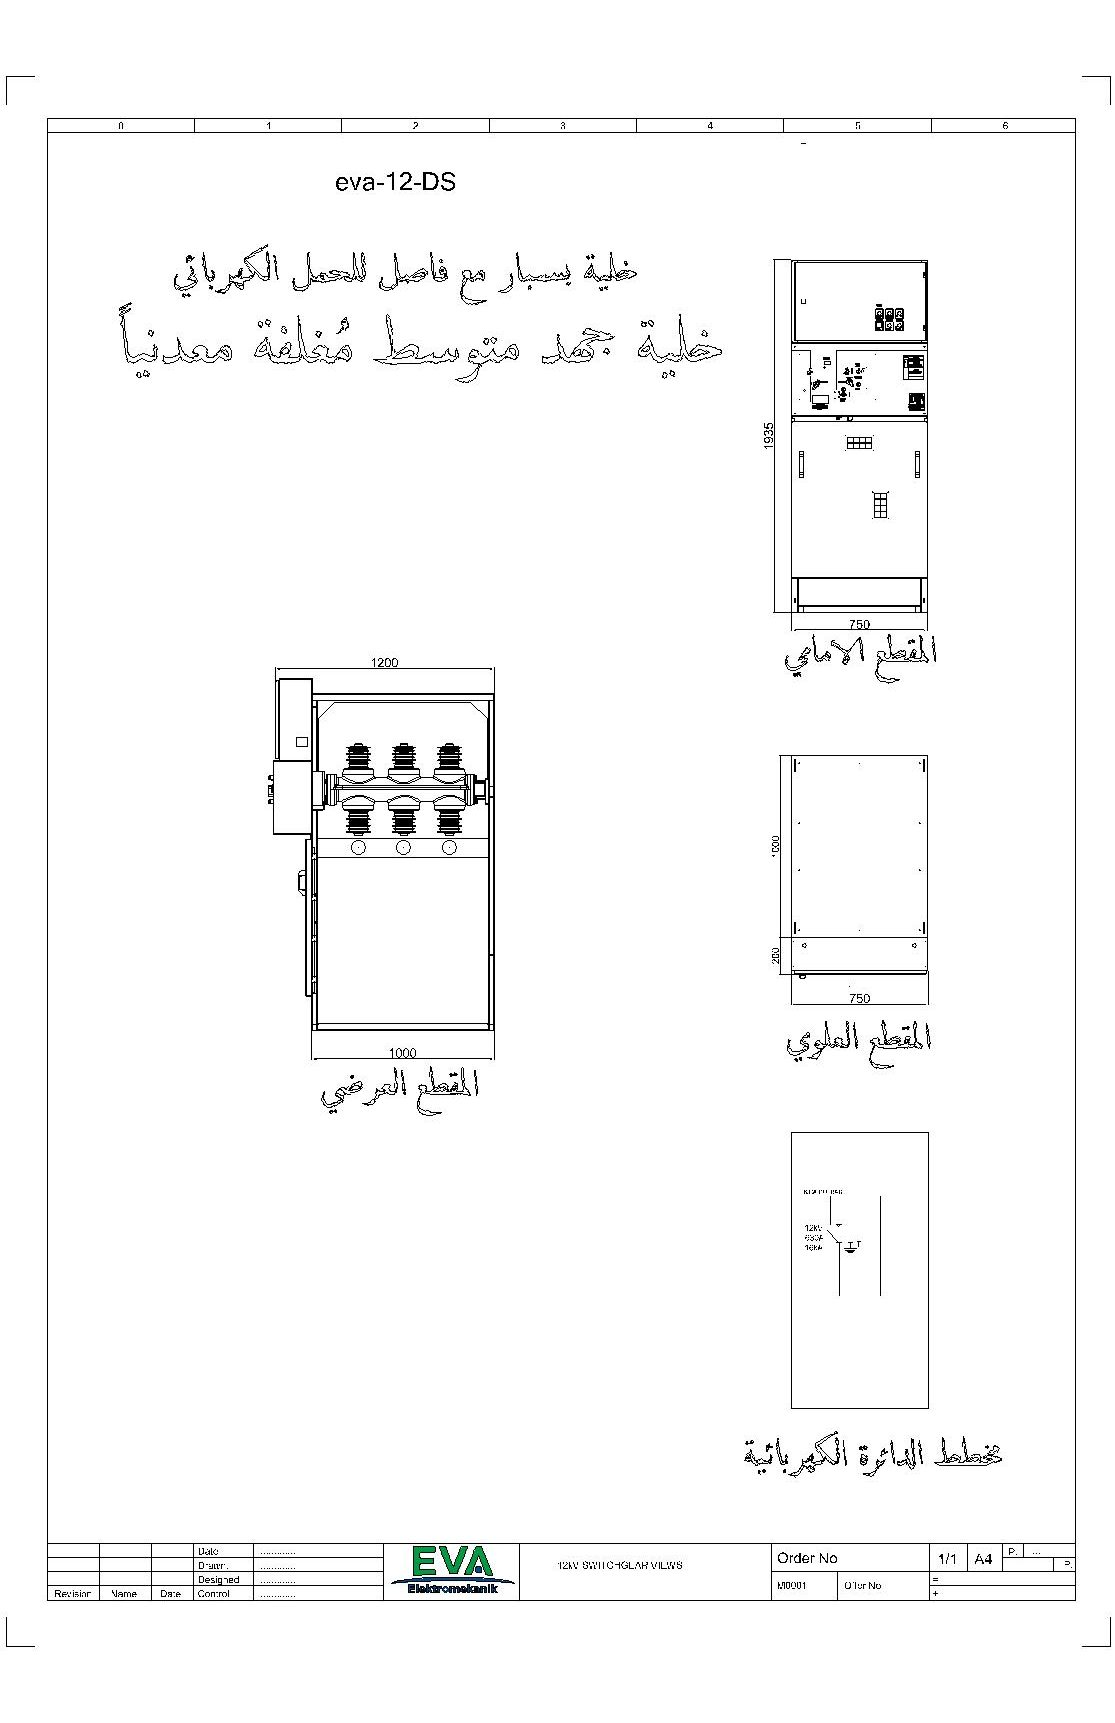 خلية بسبار مع فاصل للحمل الكهربائي